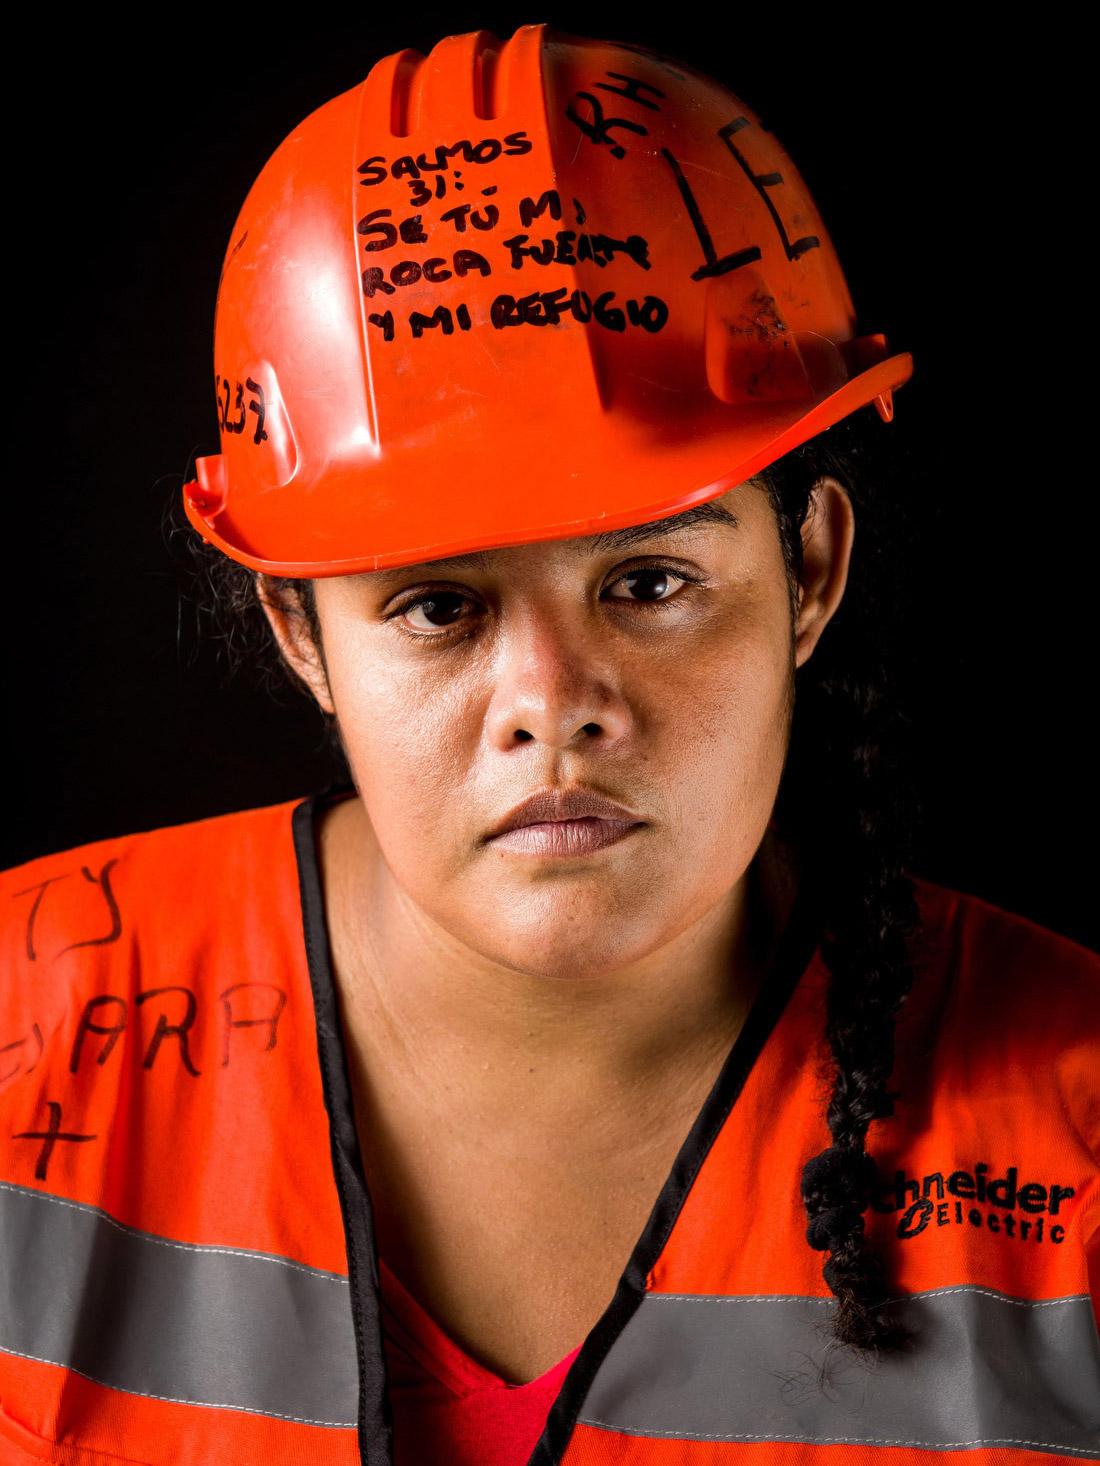 Leticia Guevara